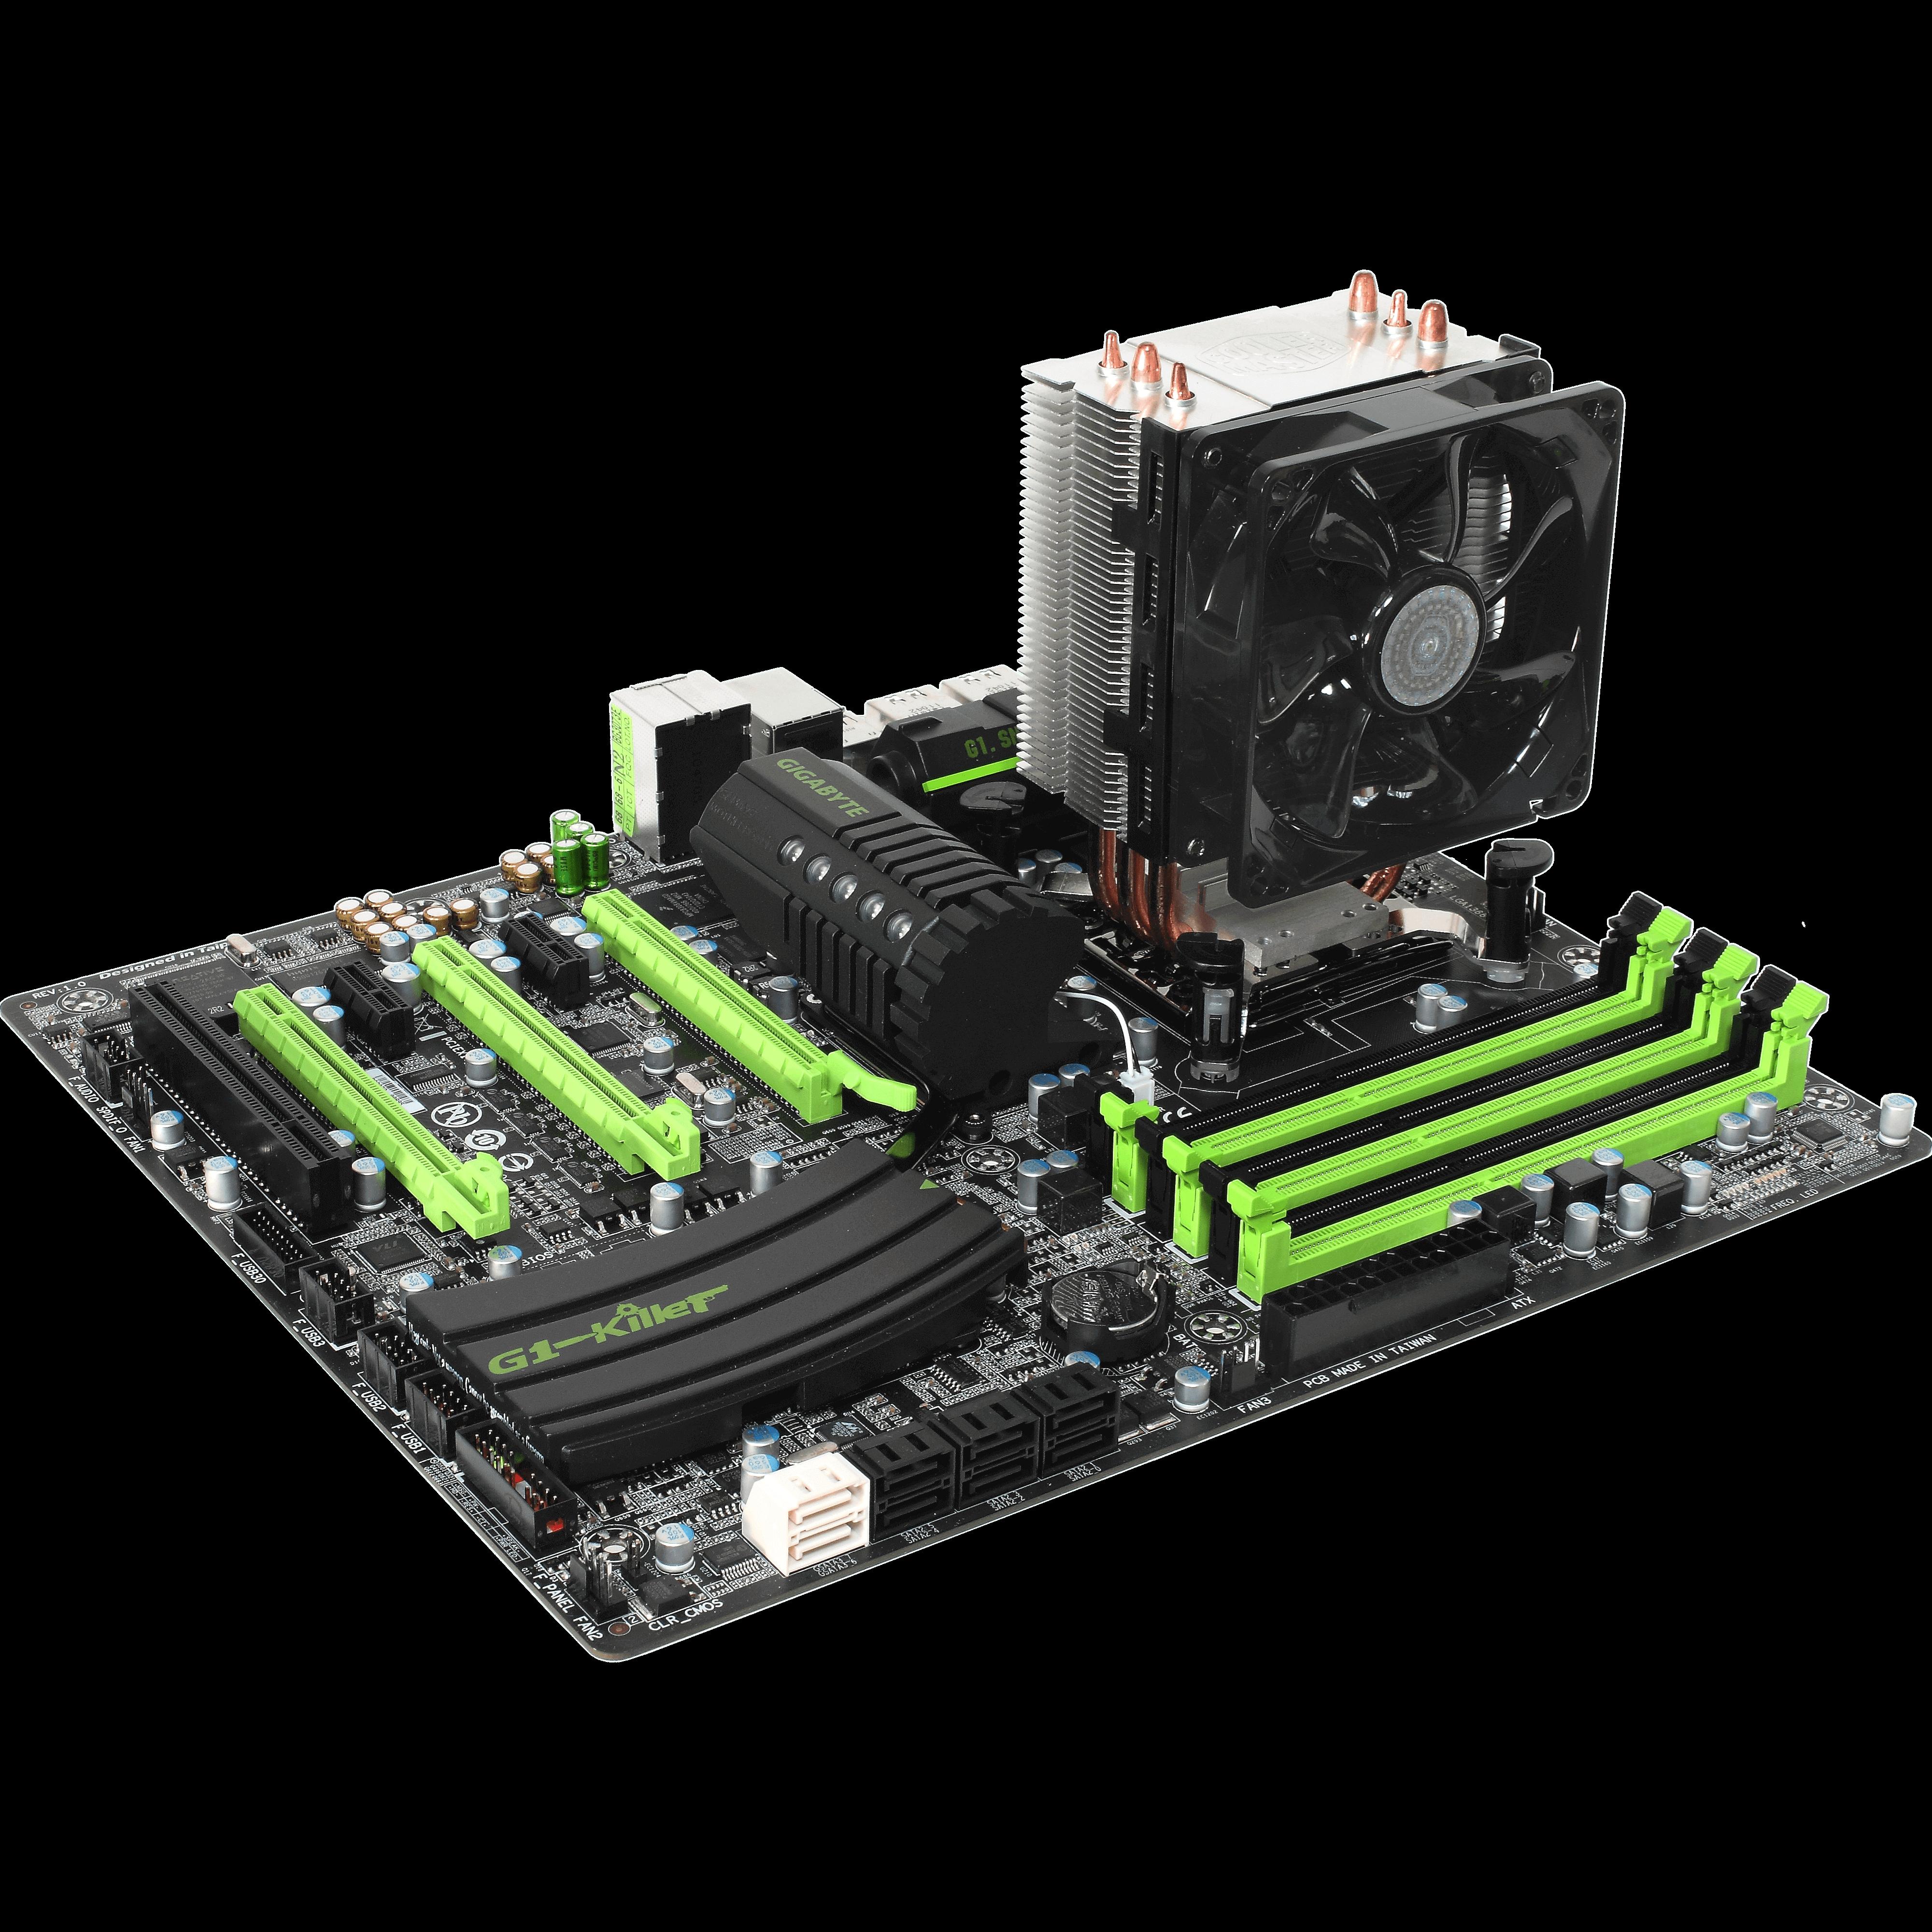 Ventirad Coller Master Hyper TX3 EVO pour processeurs sockets Intel LGA 1366, 1156, 1155, 1151, 1150, 775 et AMD AM4, AM3+, AM3, AM2+, AM2, FM2+, FM2, FM1, informatique Reunion, 974, Futur Réunion